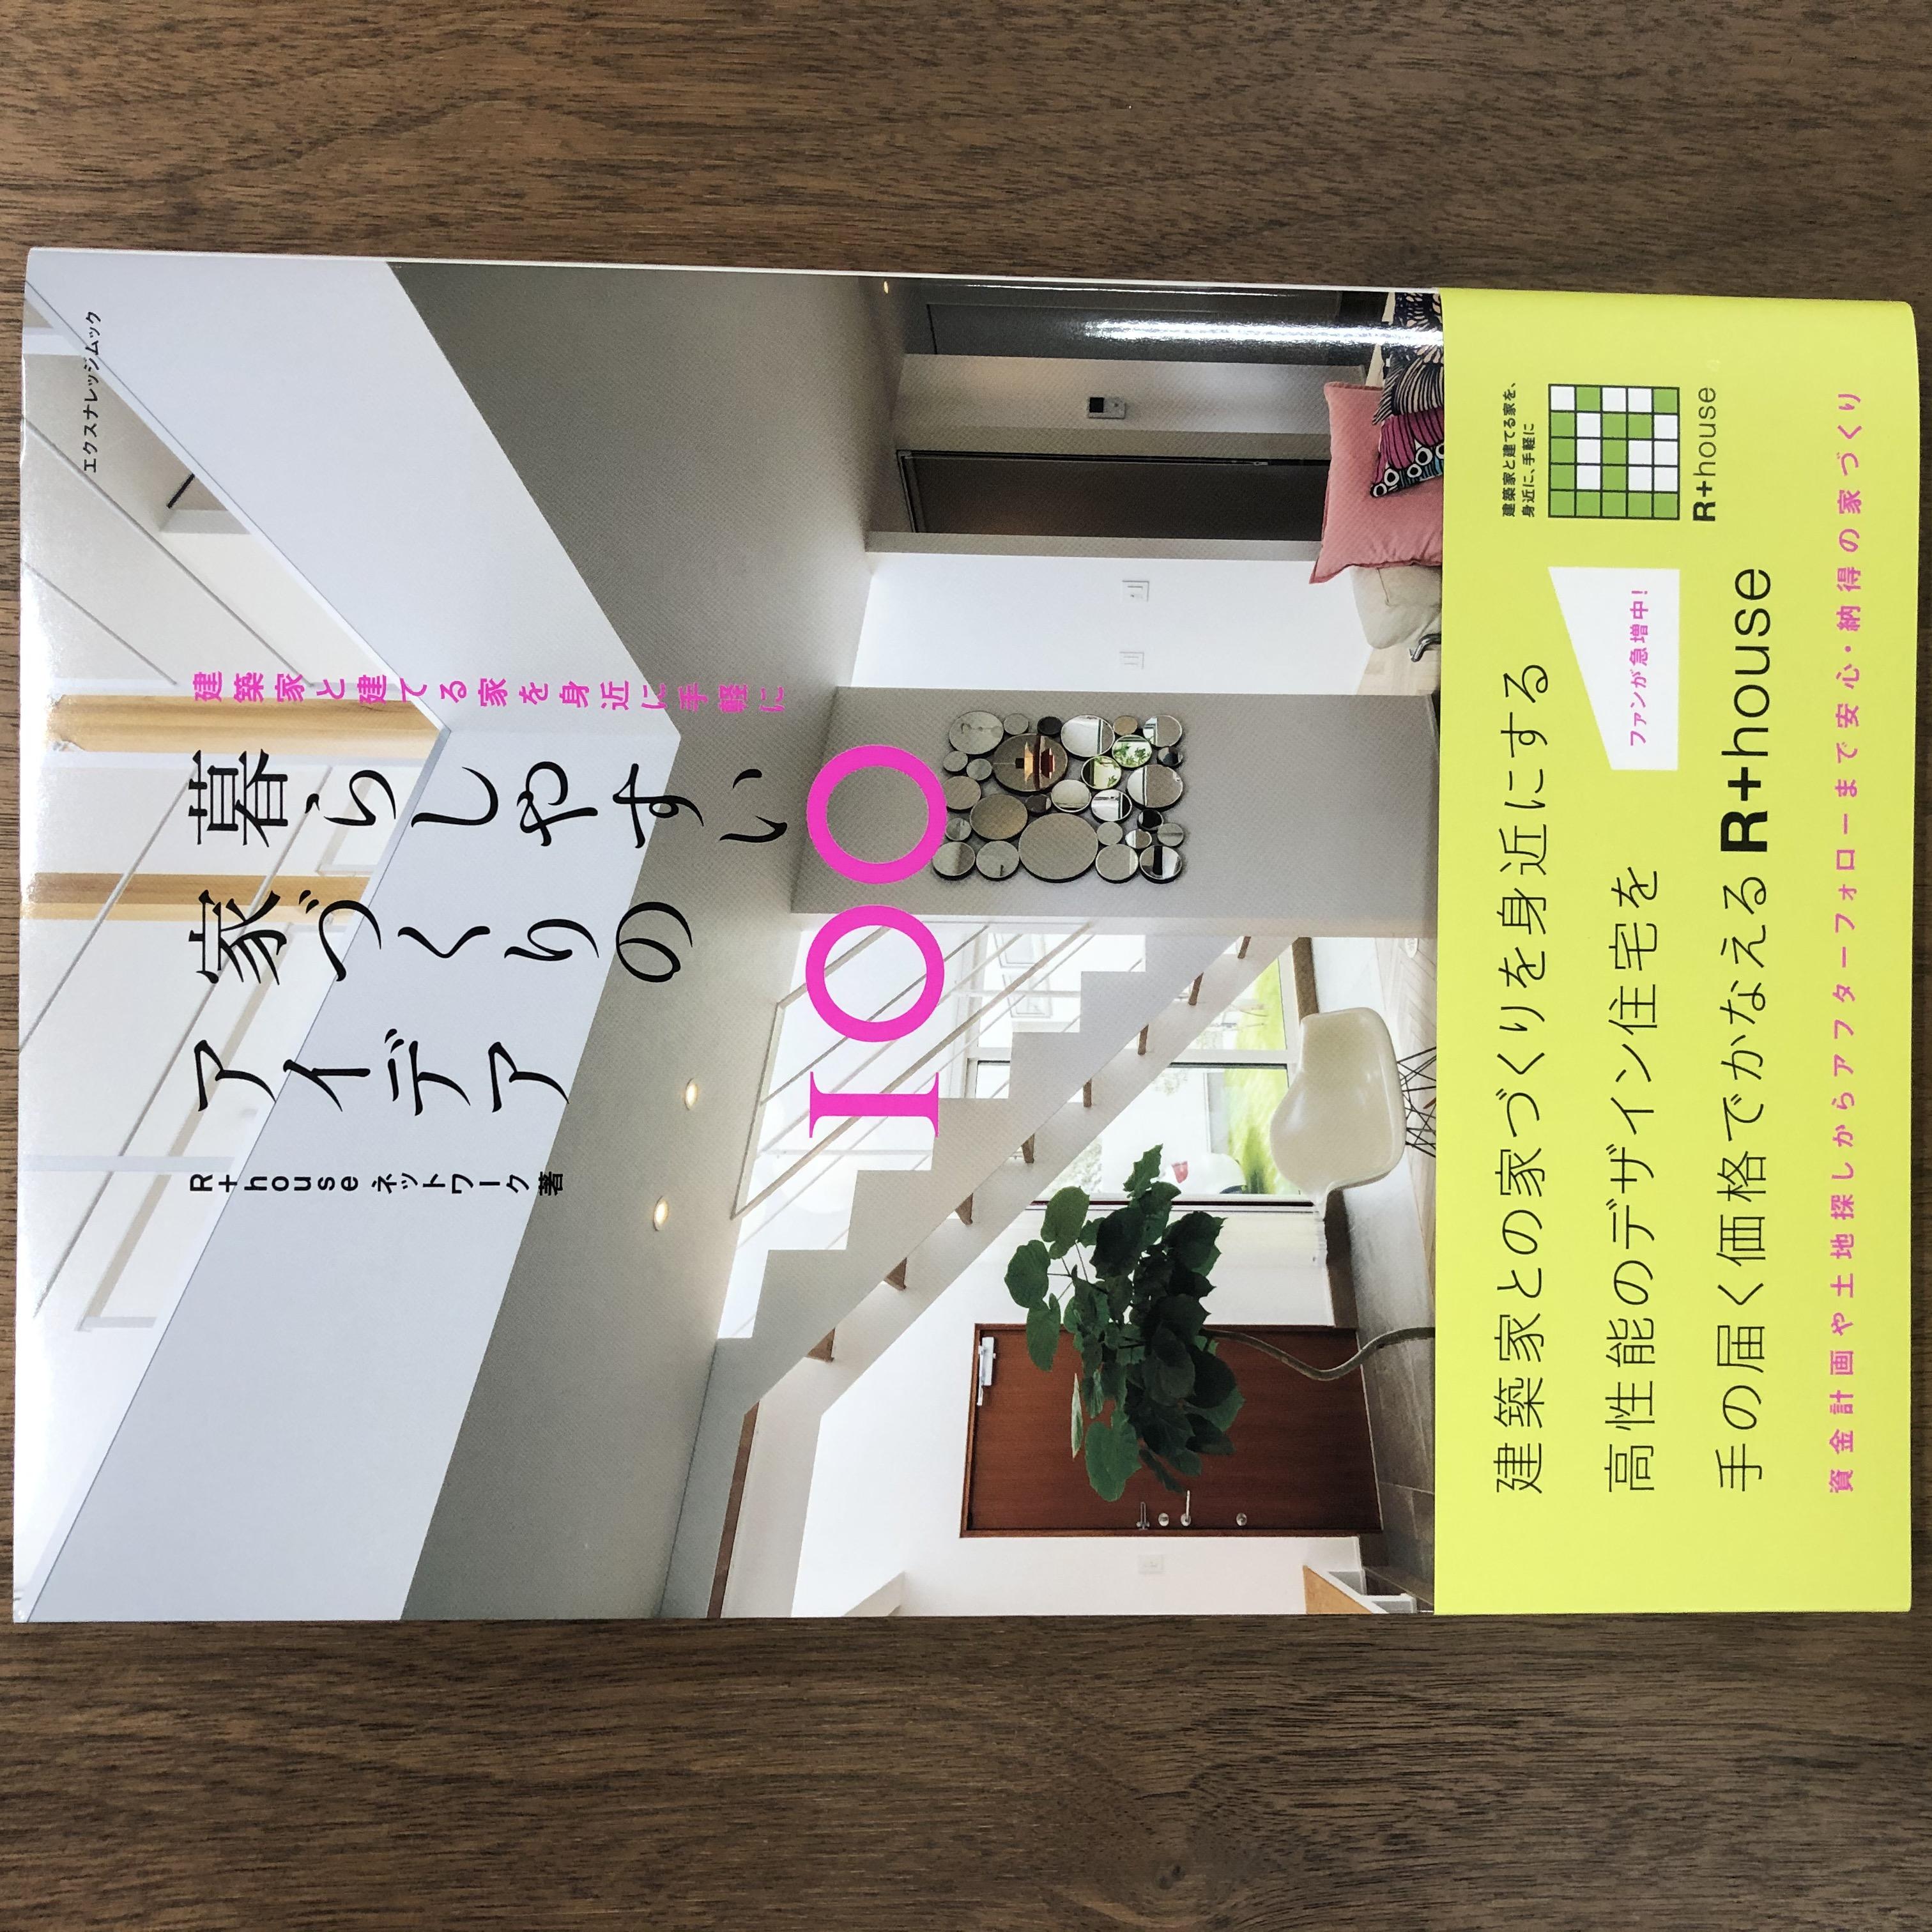 新規ご参加のお客様でアンケートご記入の方には「暮らしやすい家づくりのアイデア100」プレゼント!